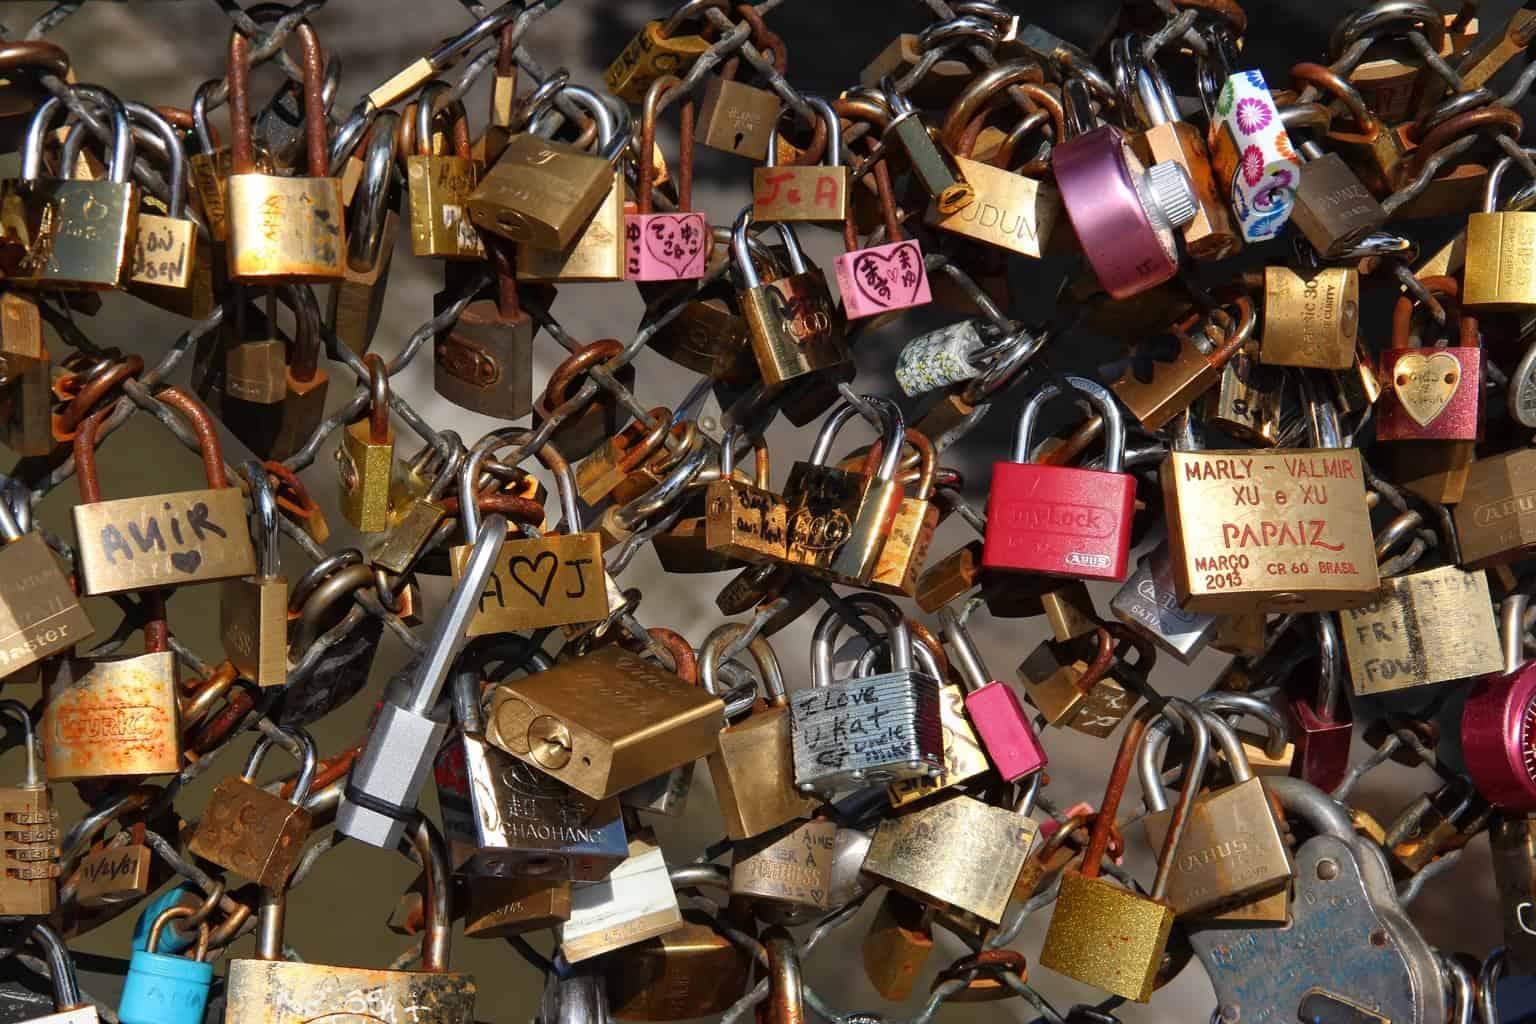 Lock for lovers on Paris bridge